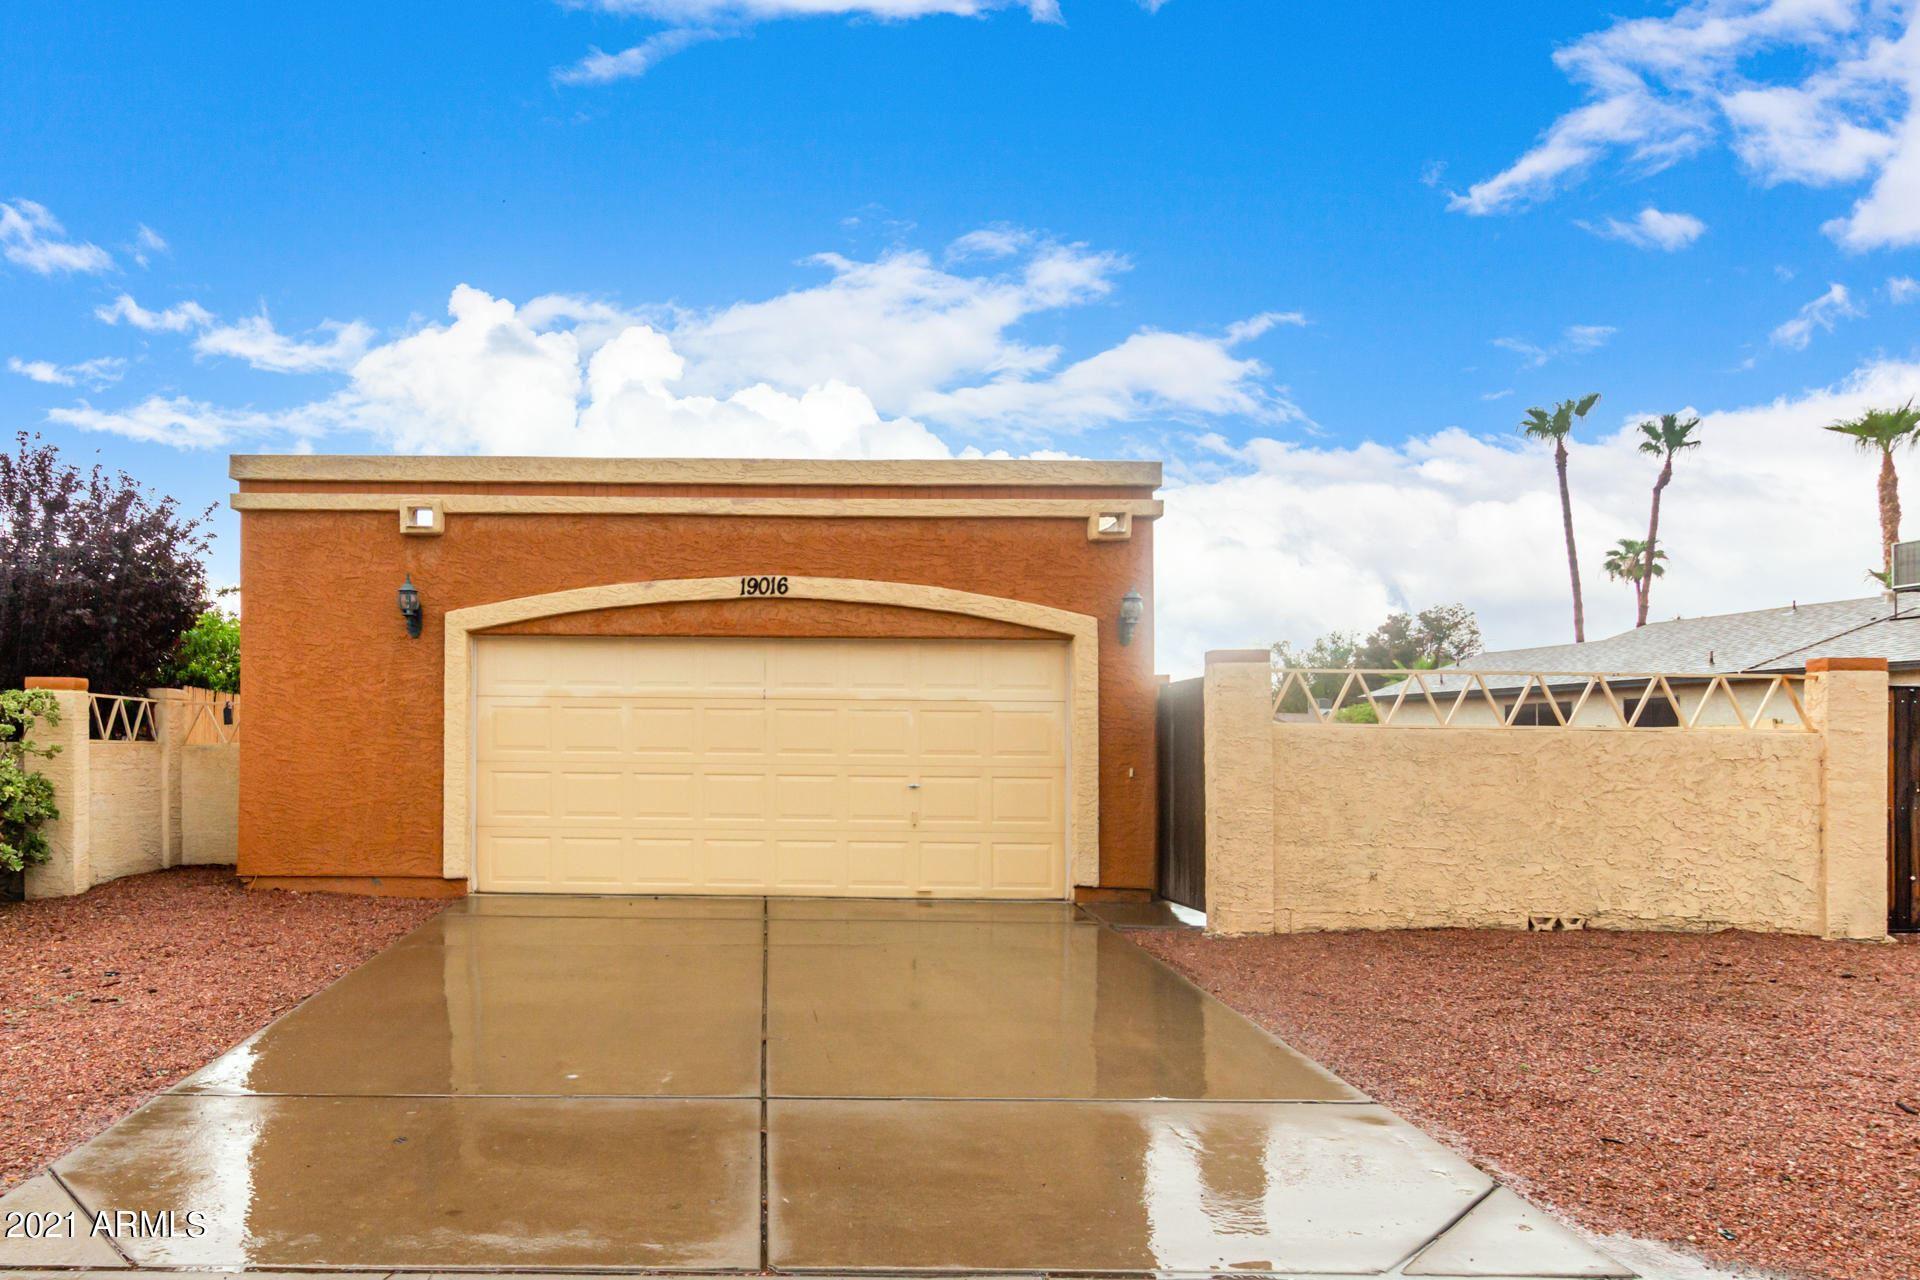 Photo of 19016 N 15TH Street, Phoenix, AZ 85024 (MLS # 6269288)